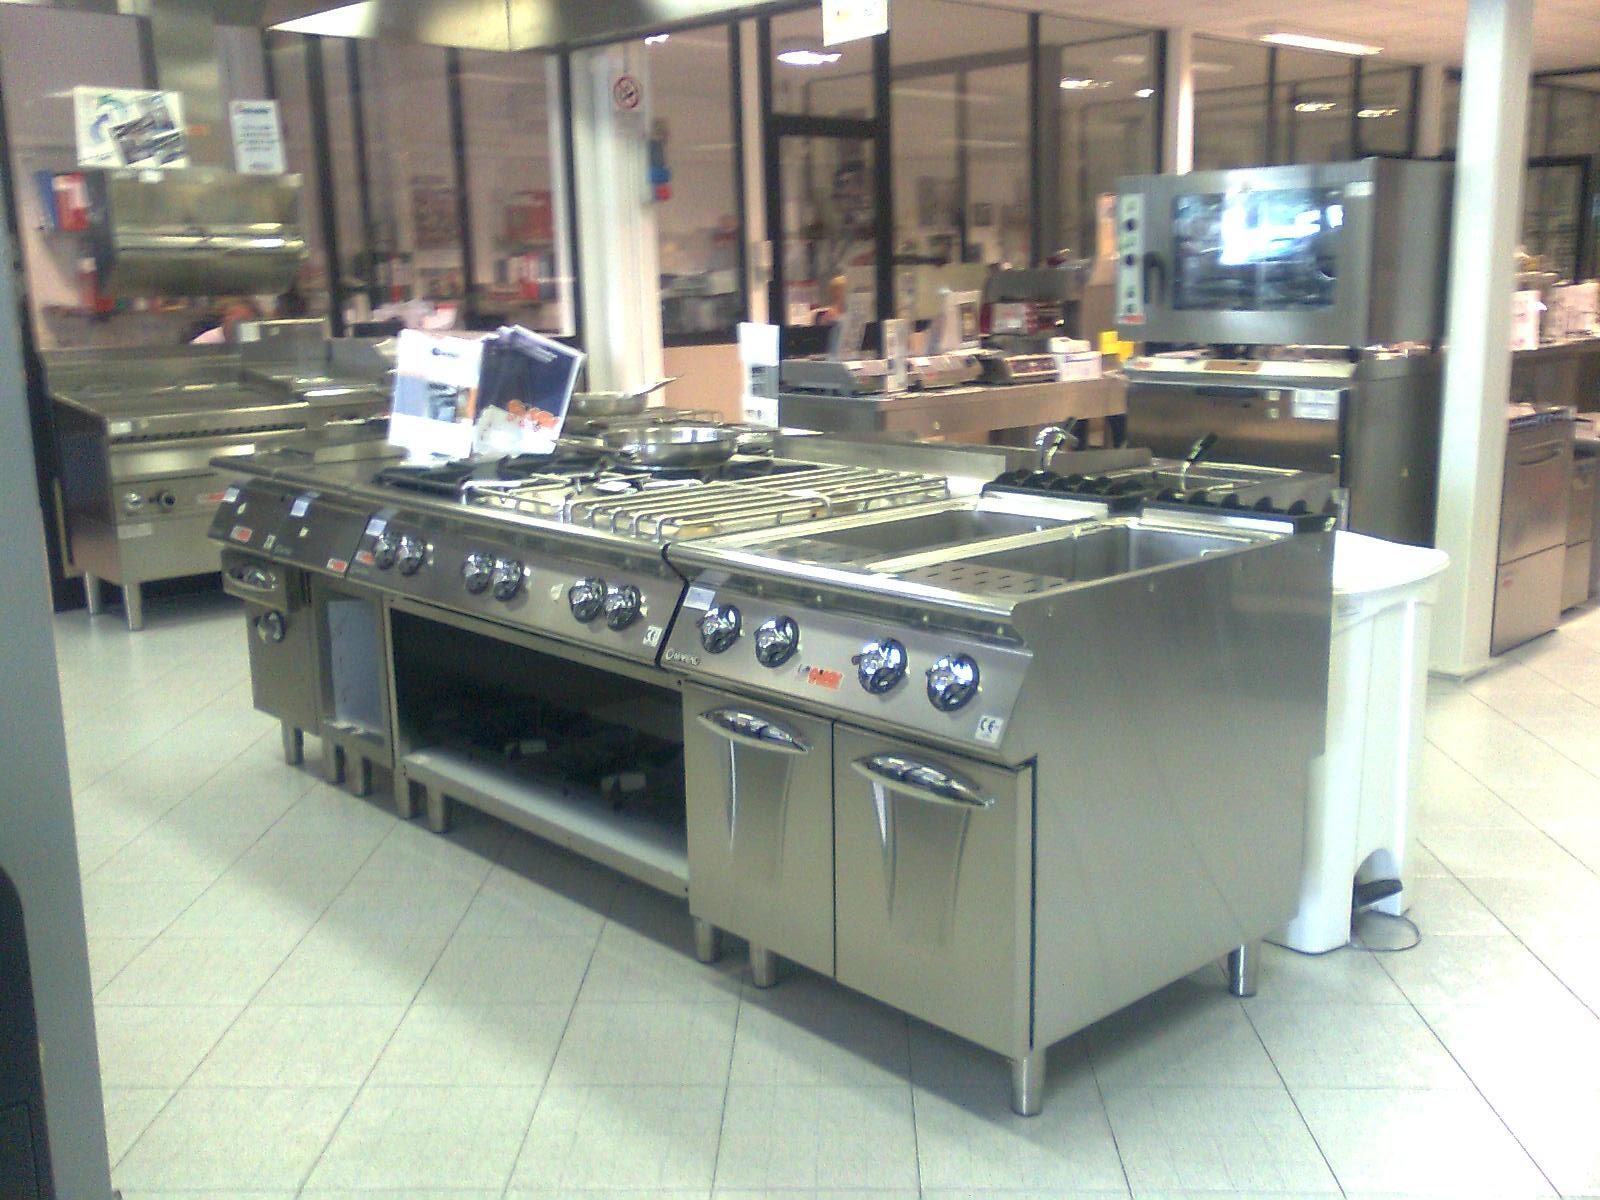 Vendita Attrezzature Da Cucina Professionali Usate.Attrezzature Cucina Professionale Usate Chefs4passion